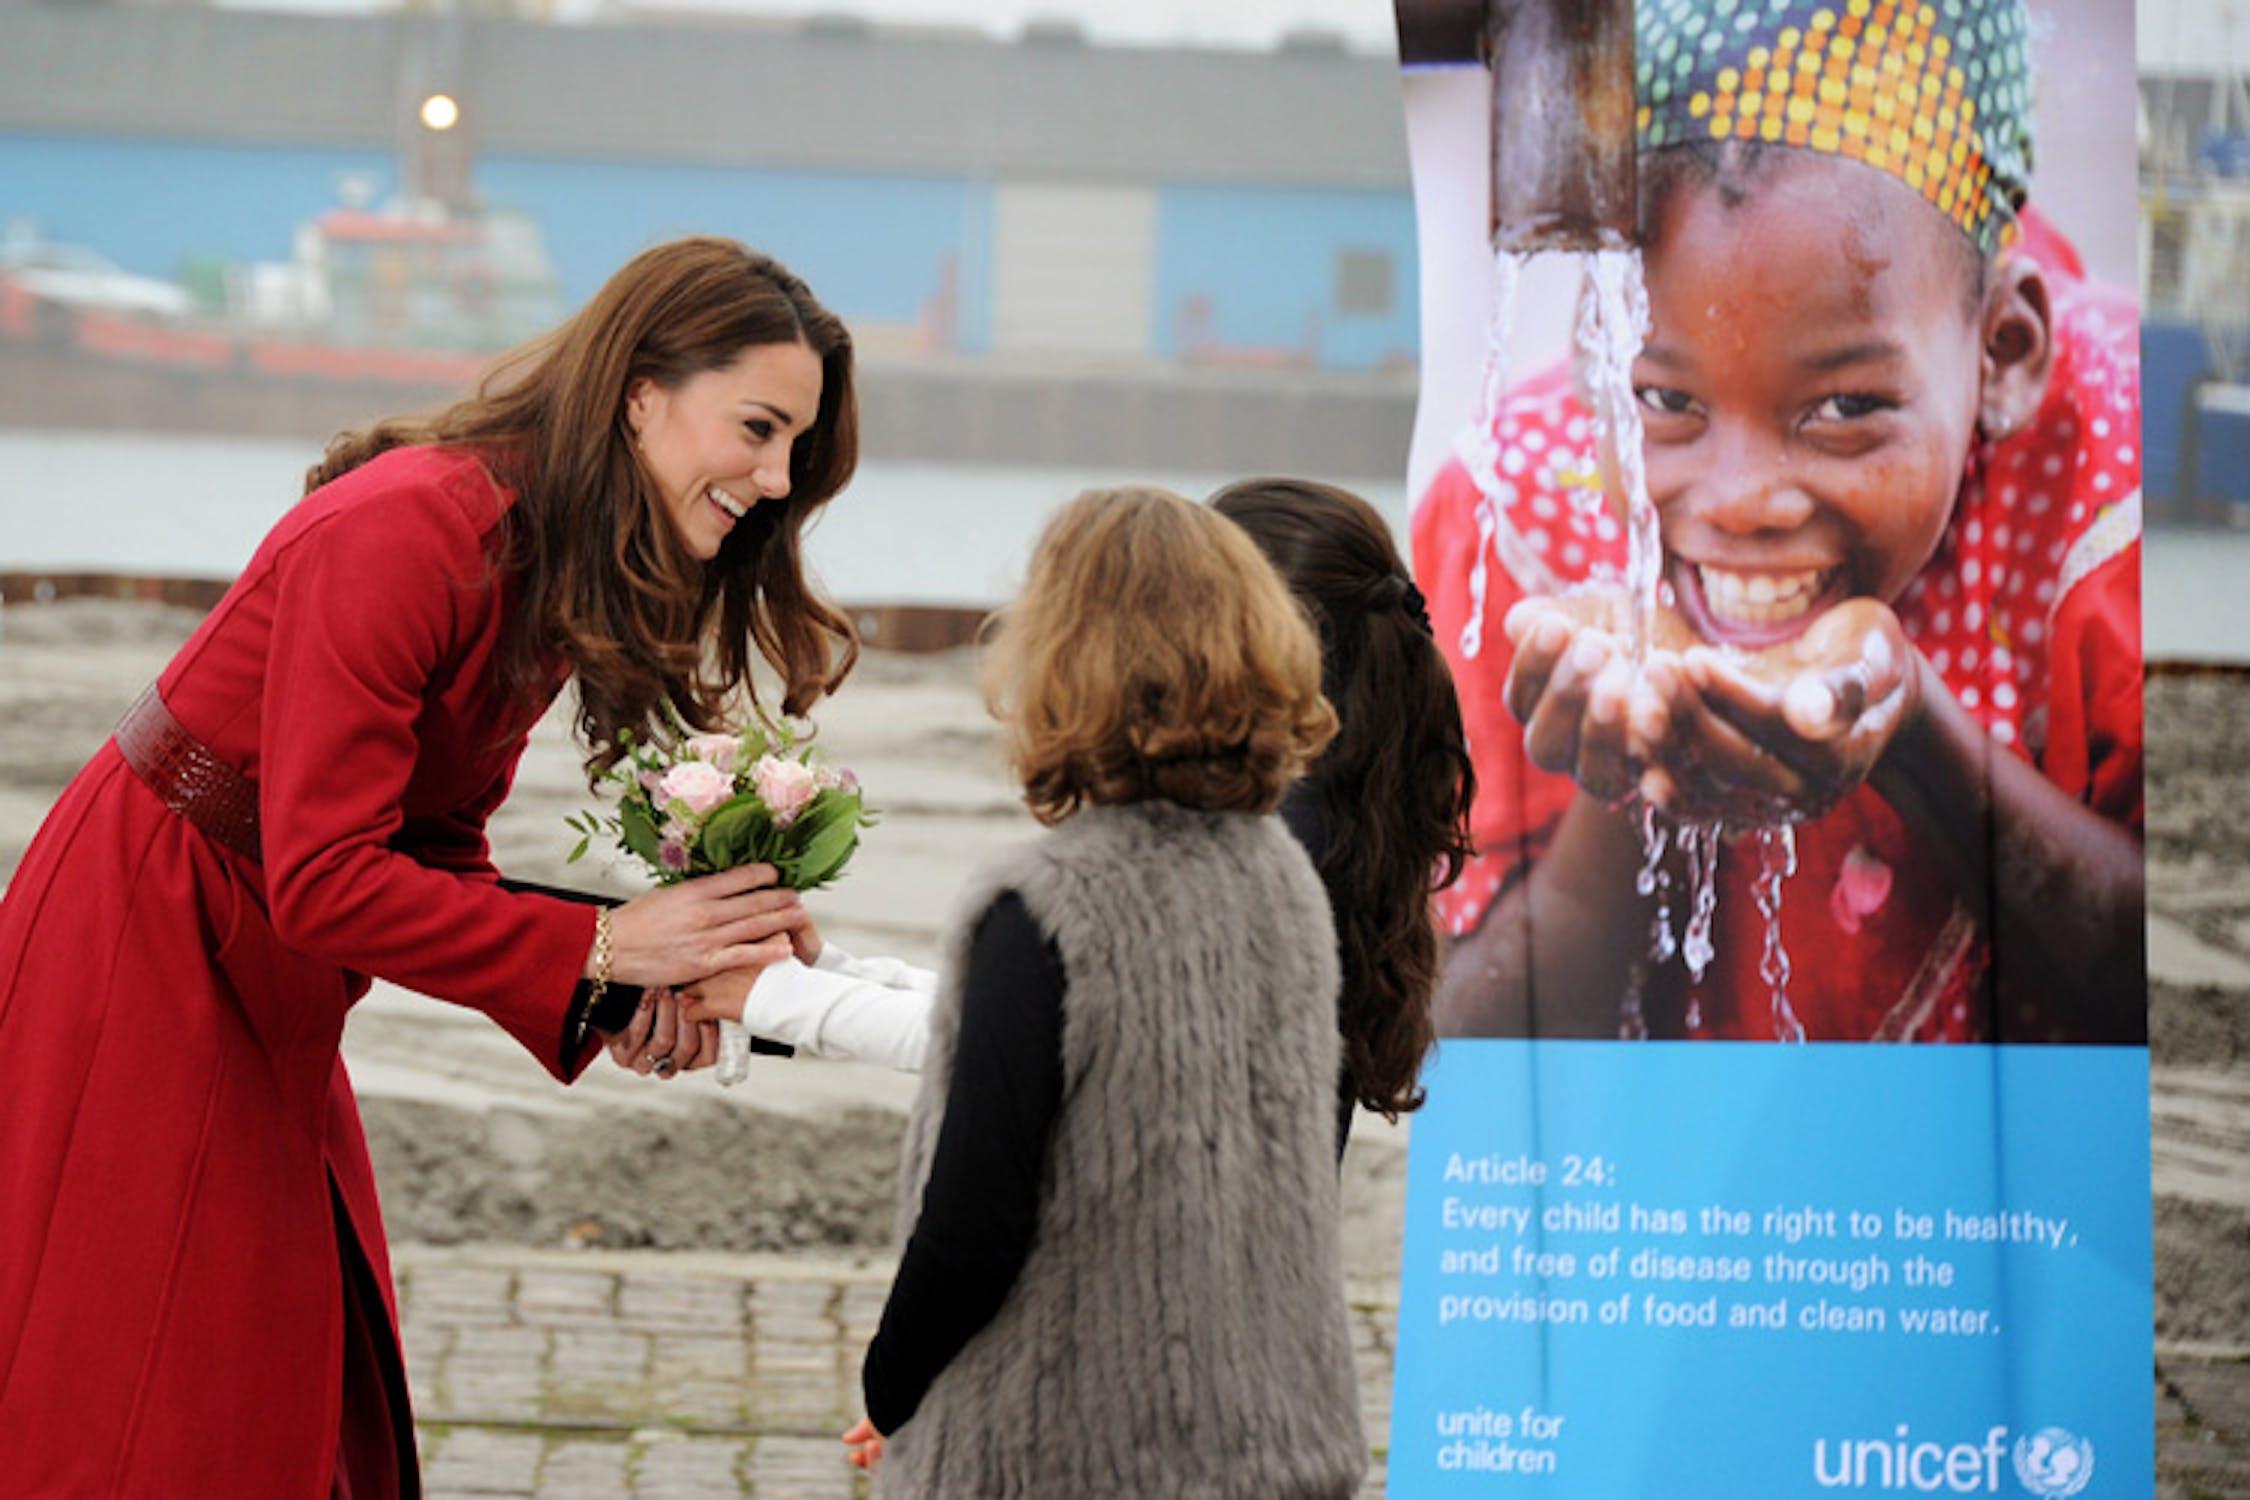 Un momento della visita di William e Kate alla UNICEF Supply Division di Copenaghen - ©UNICEF/NYHQ2011-